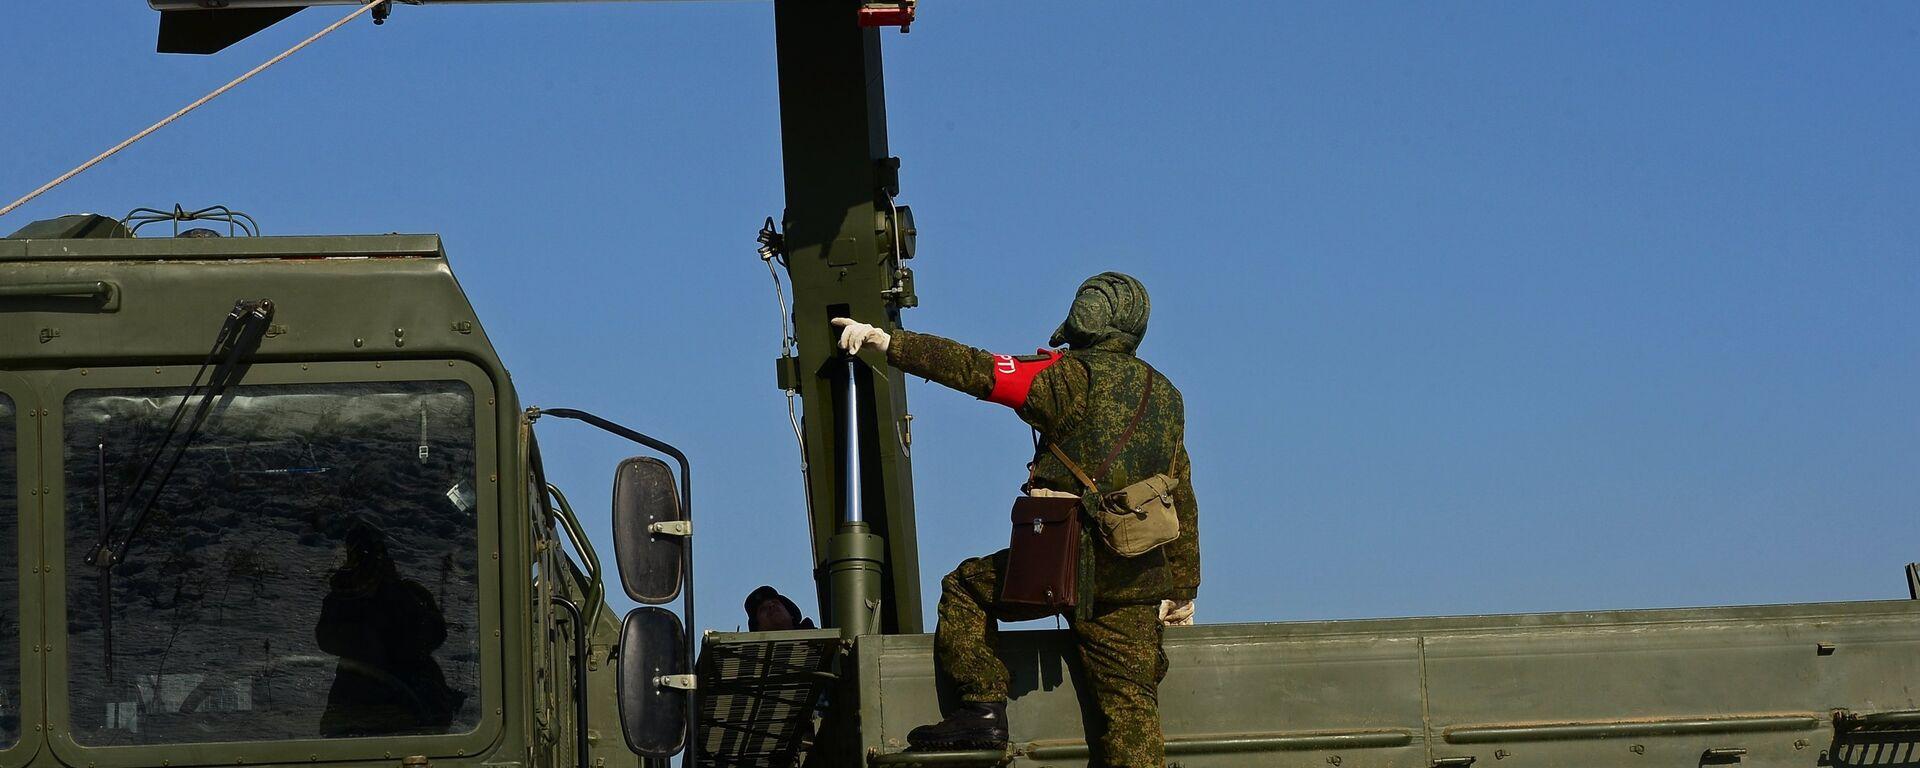 Загрузка ракеты транспортно-заряжающий машиной на самоходную пусковую установку оперативно-тактического ракетного комплекса Искандер-М - Sputnik Латвия, 1920, 15.06.2020